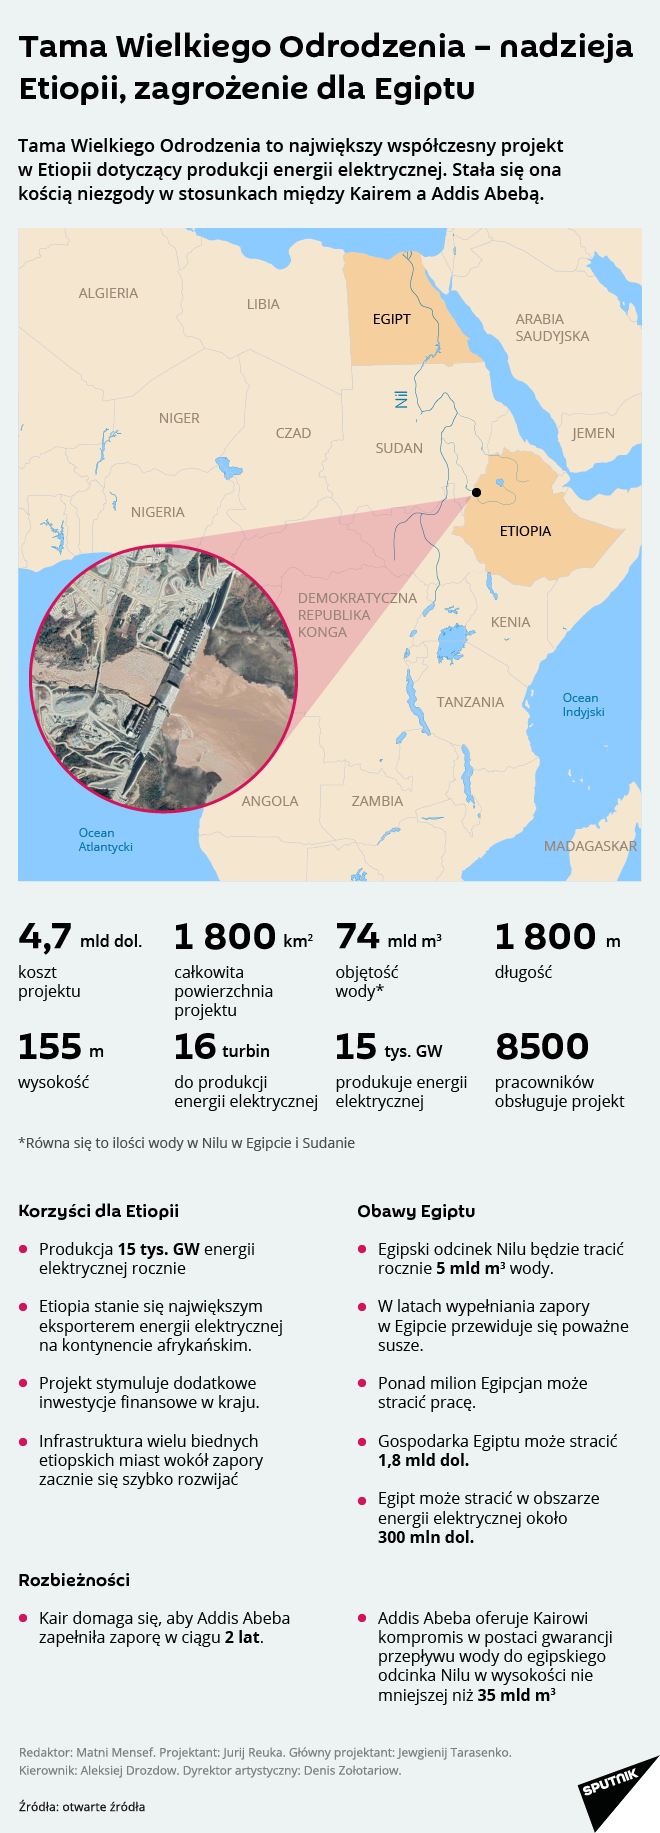 Tama Wielkiego Odrodzenia w Etiopii - Sputnik Polska